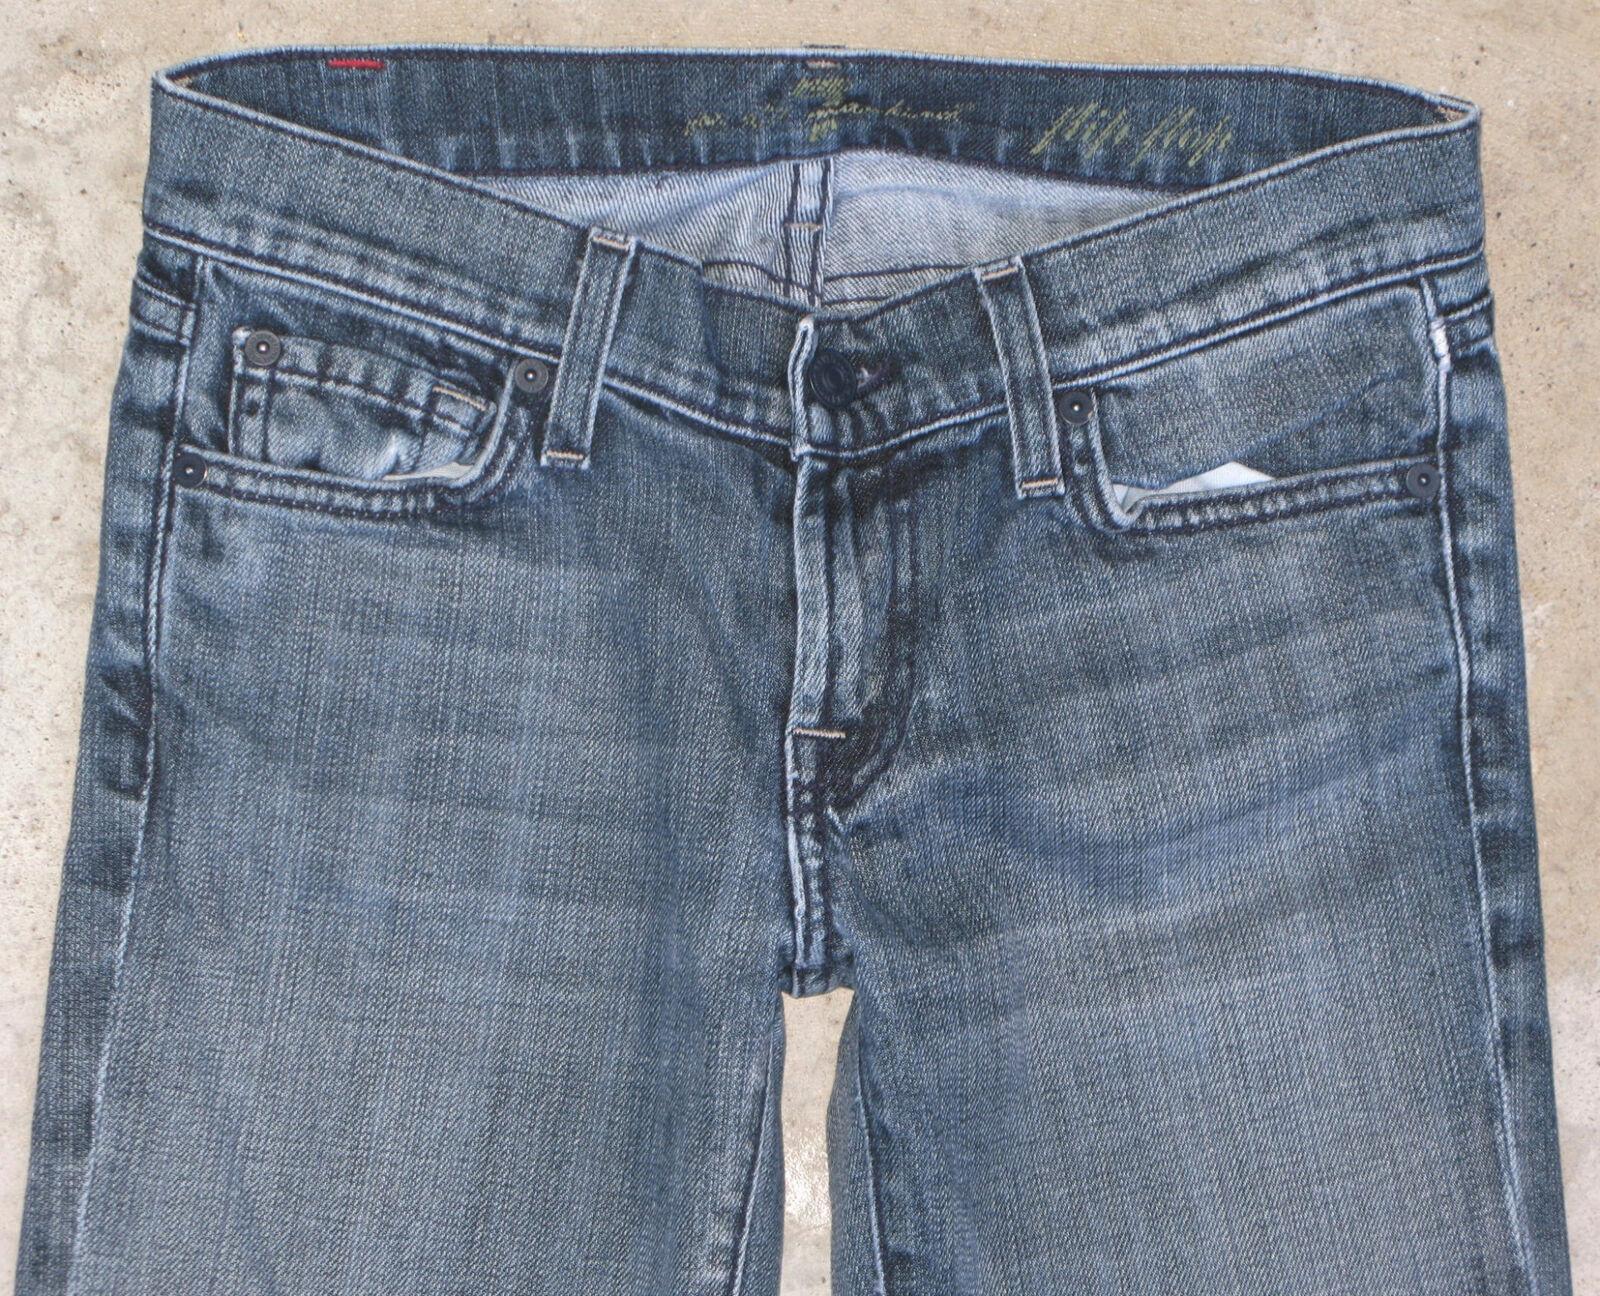 7 für Alle Alle Alle Damen Zehentrenner Sz 25 Stiefelcut mit Stretch Distressed Wash | Produktqualität  | Bestellungen Sind Willkommen  | Outlet Online  | Outlet Online Store  | New Style  b0854c